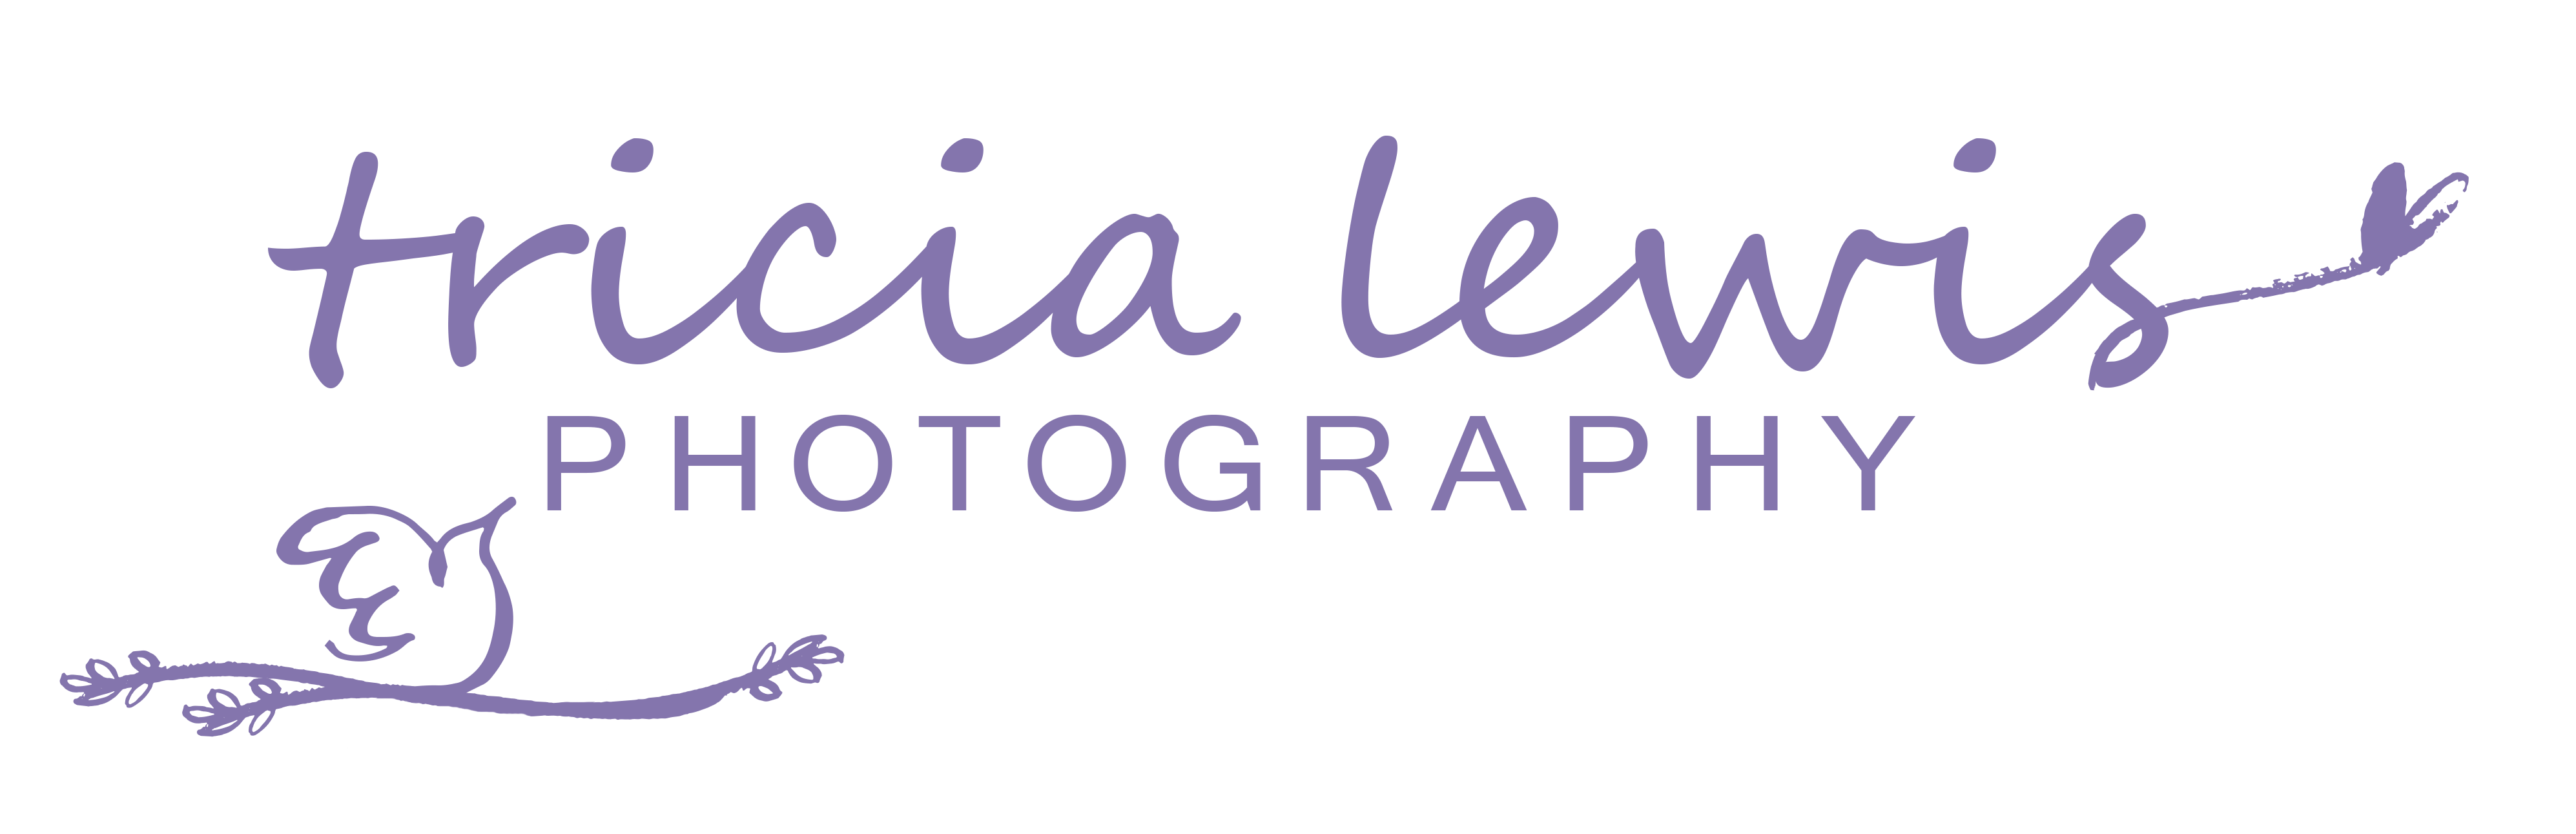 Tricia Lewis